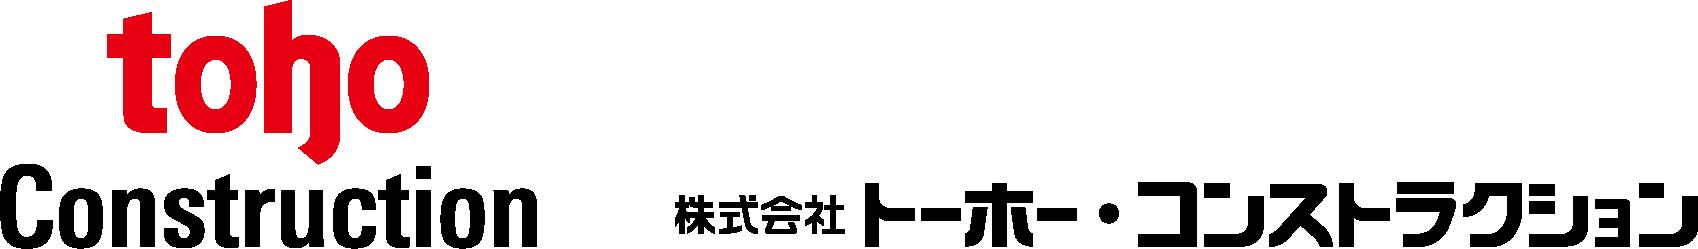 トーホーコンストラクション ロゴ